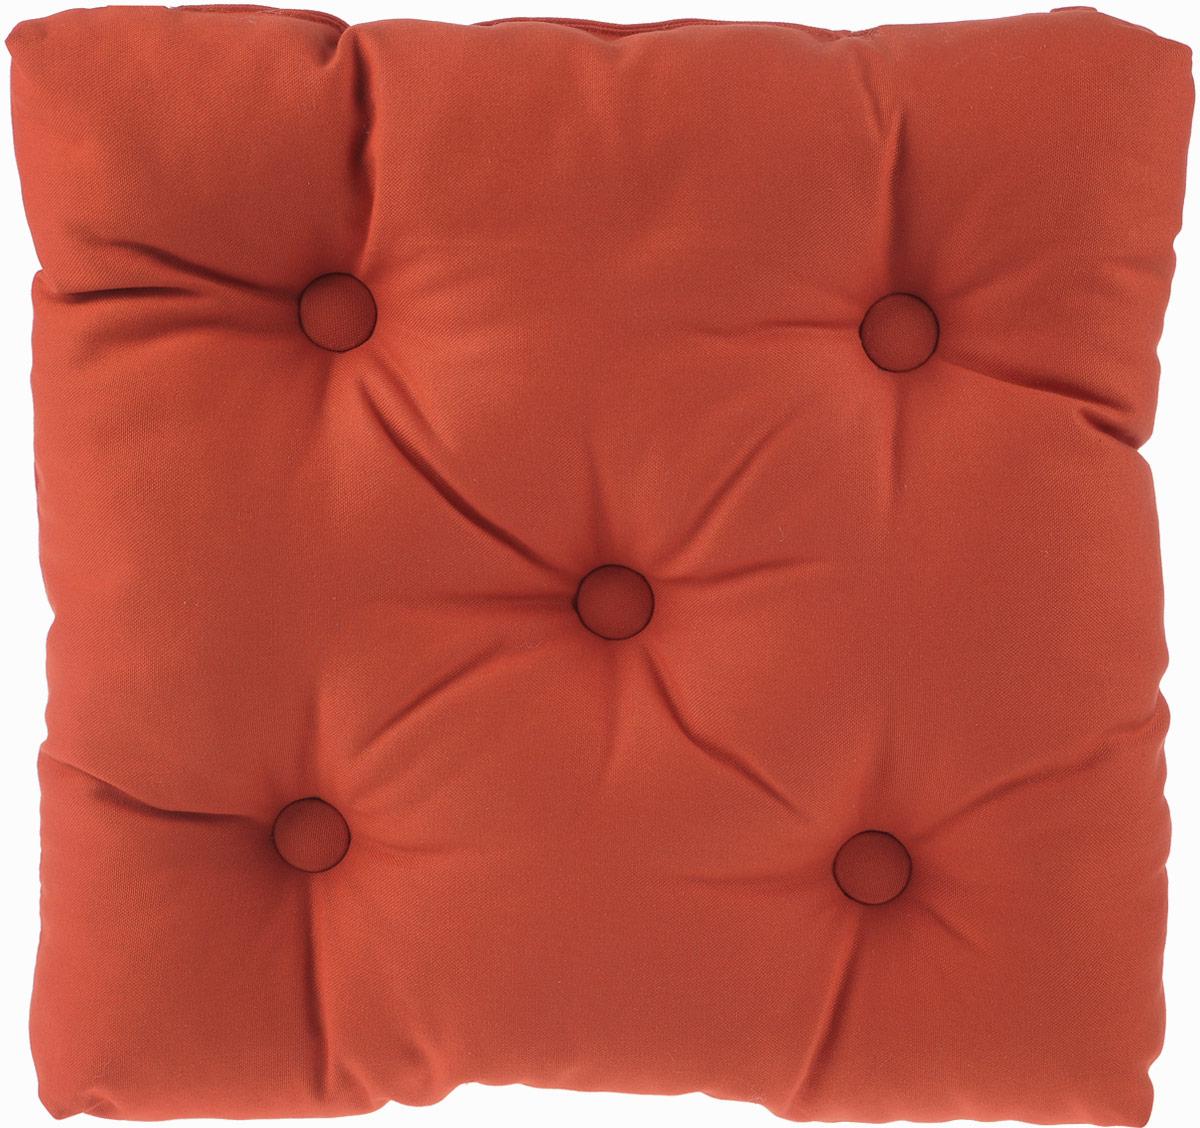 Подушка на стул KauffOrt Комо, цвет: темно-оранжевый, 40 x 40 см3121050130Подушка на стул KauffOrt Комо не только красиво дополнит интерьер кухни, но и обеспечит комфорт при сидении. Чехол выполнен из хлопка, а наполнитель из холлофайбера. Подушка легко крепится на стул с помощью завязок. Правильно сидеть - значит сохранить здоровье на долгие годы. Жесткие сидения подвергают наше здоровье опасности. Подушка с мягким наполнителем поможет предотвратить большинство нежелательных последствий сидячего образа жизни. Толщина подушки: 10 см.